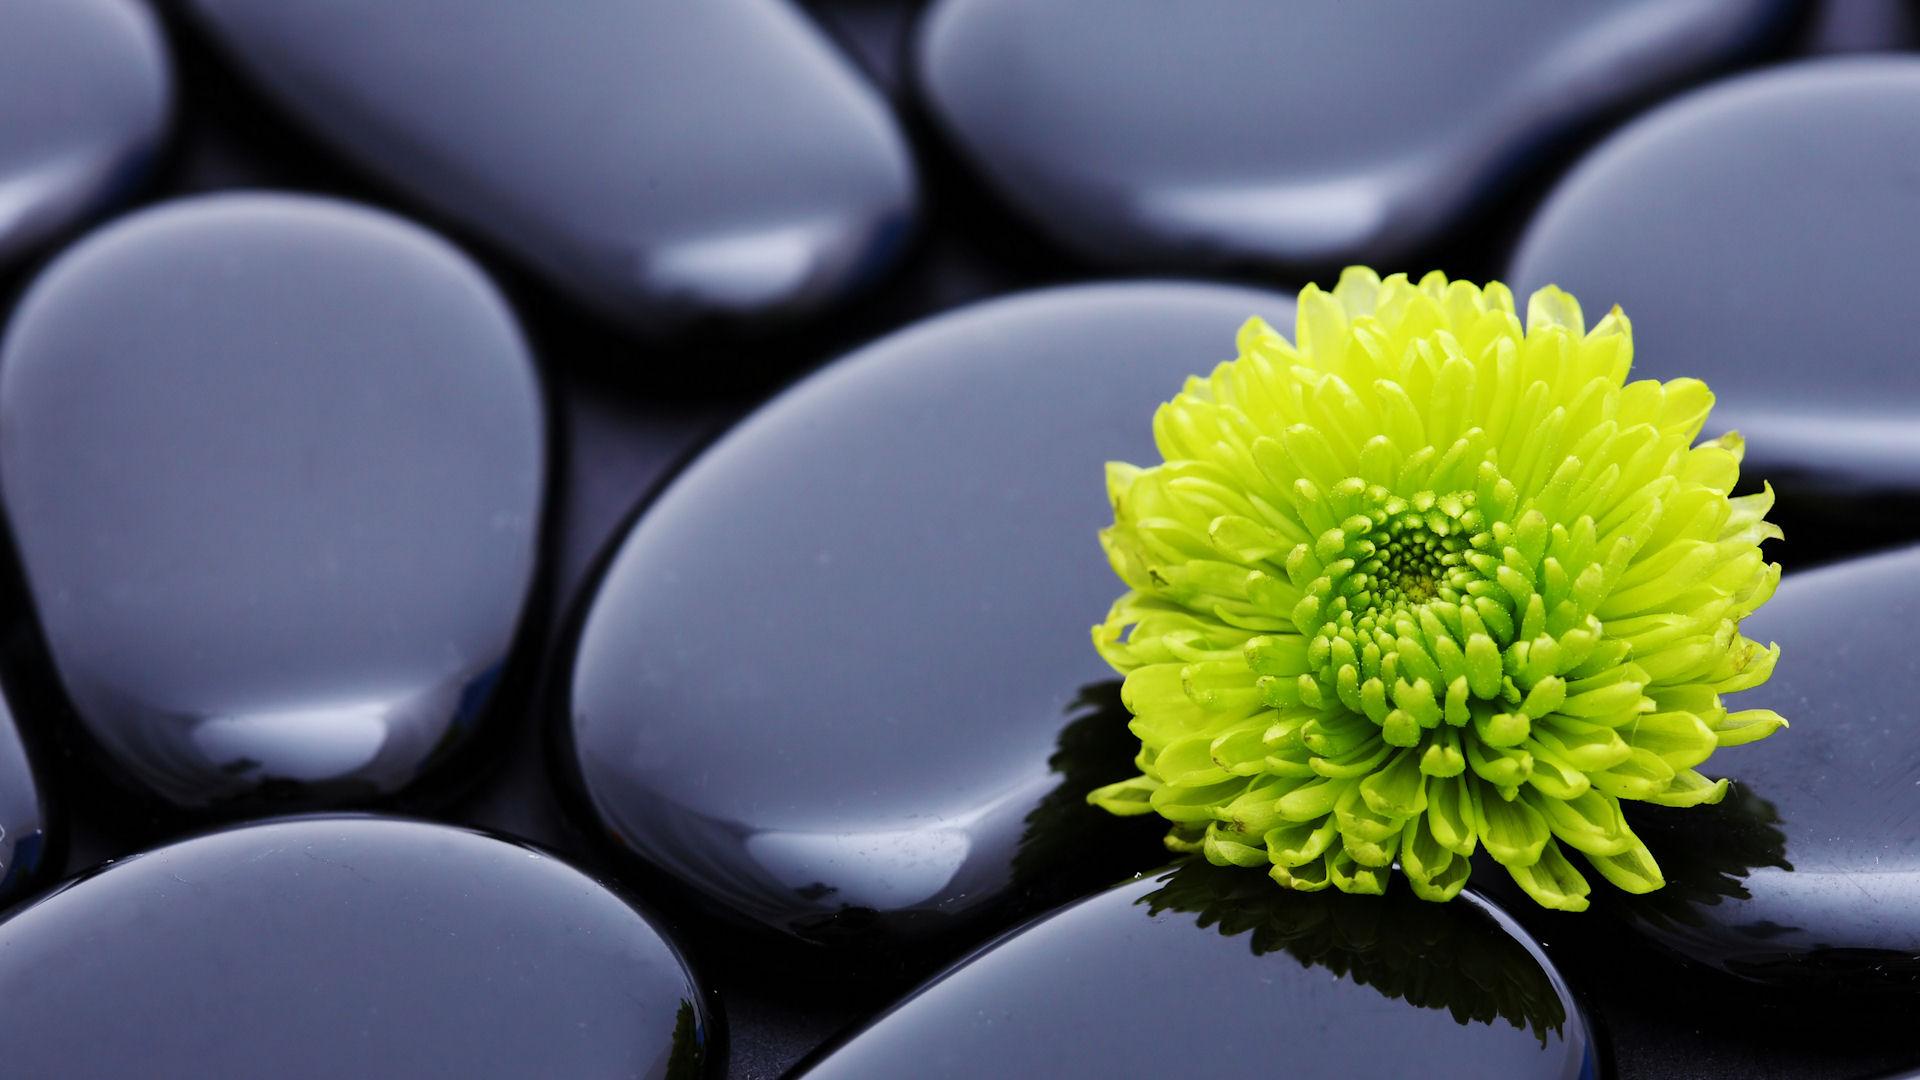 Flowers_stones_zen_1920x1080.jpg